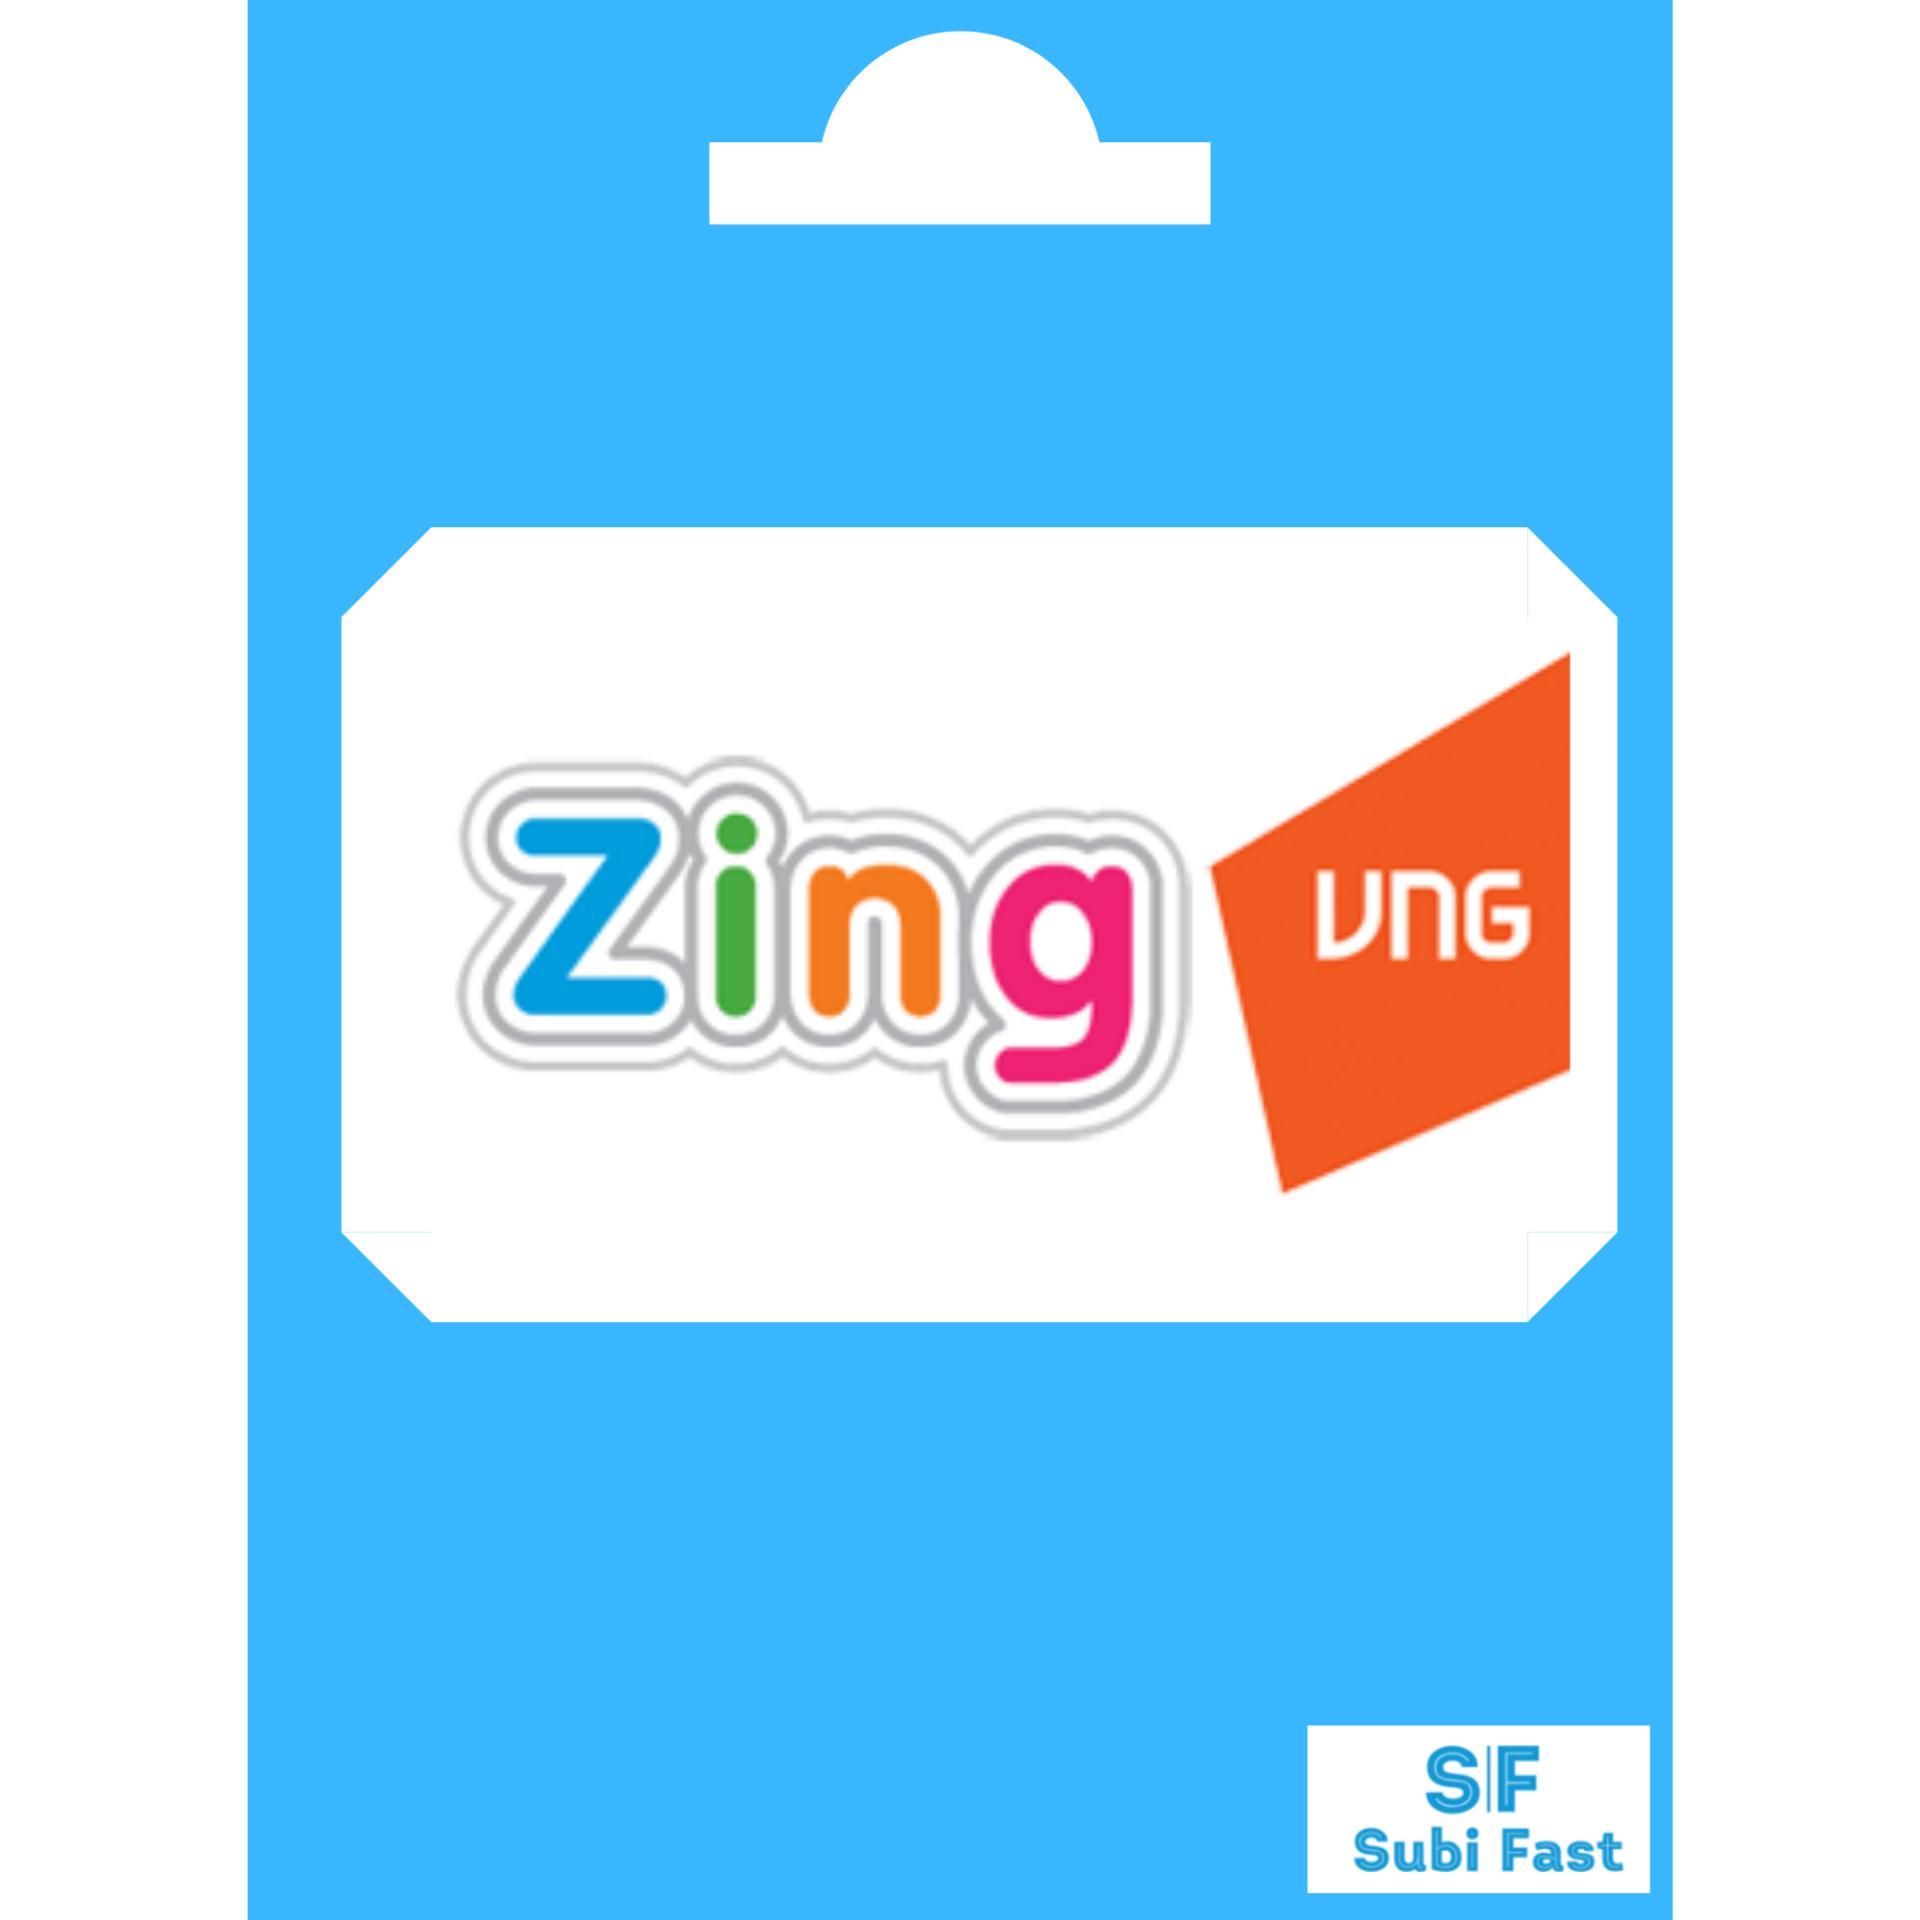 Thẻ Zing 50K - Nhận Mã Siêu Nhanh [sms] Bất Ngờ Giảm Giá